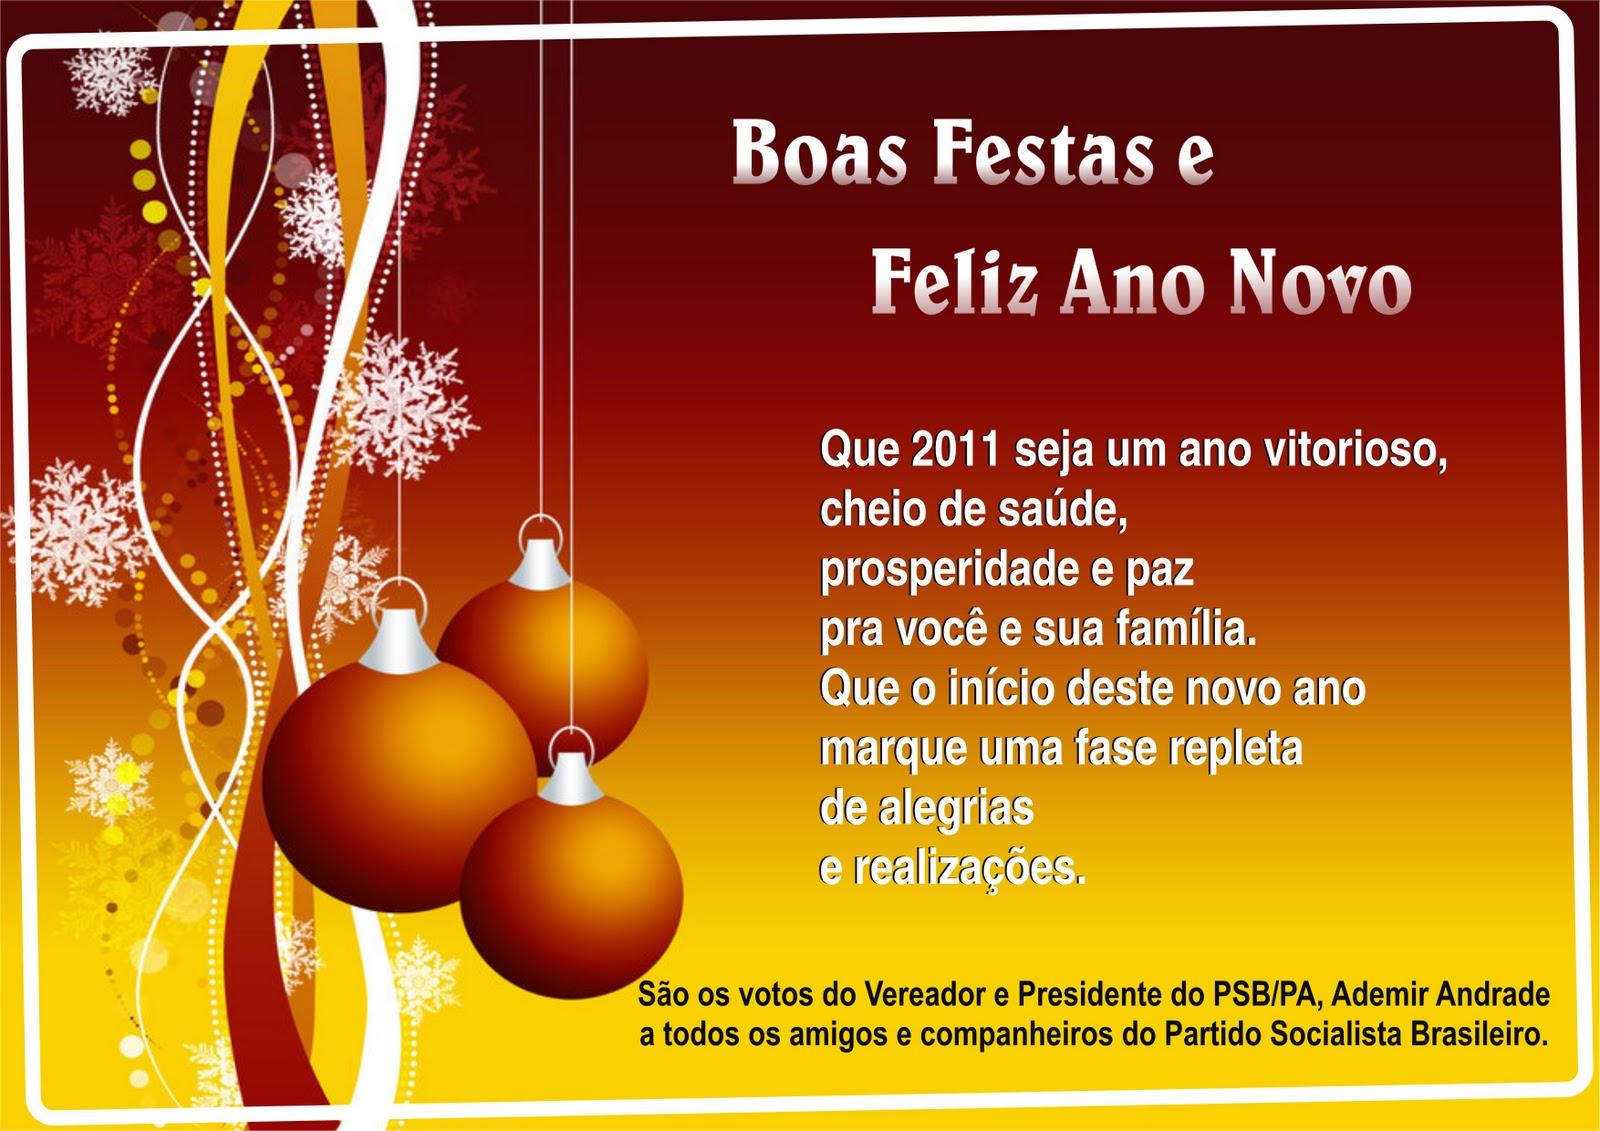 http://4.bp.blogspot.com/_QkmXlAbGhcw/TQD4m2v-eqI/AAAAAAAAASY/bJBq25Tc5ME/s1600/Ademir+Andrade+-+Boas+Festa+2011.01.jpg